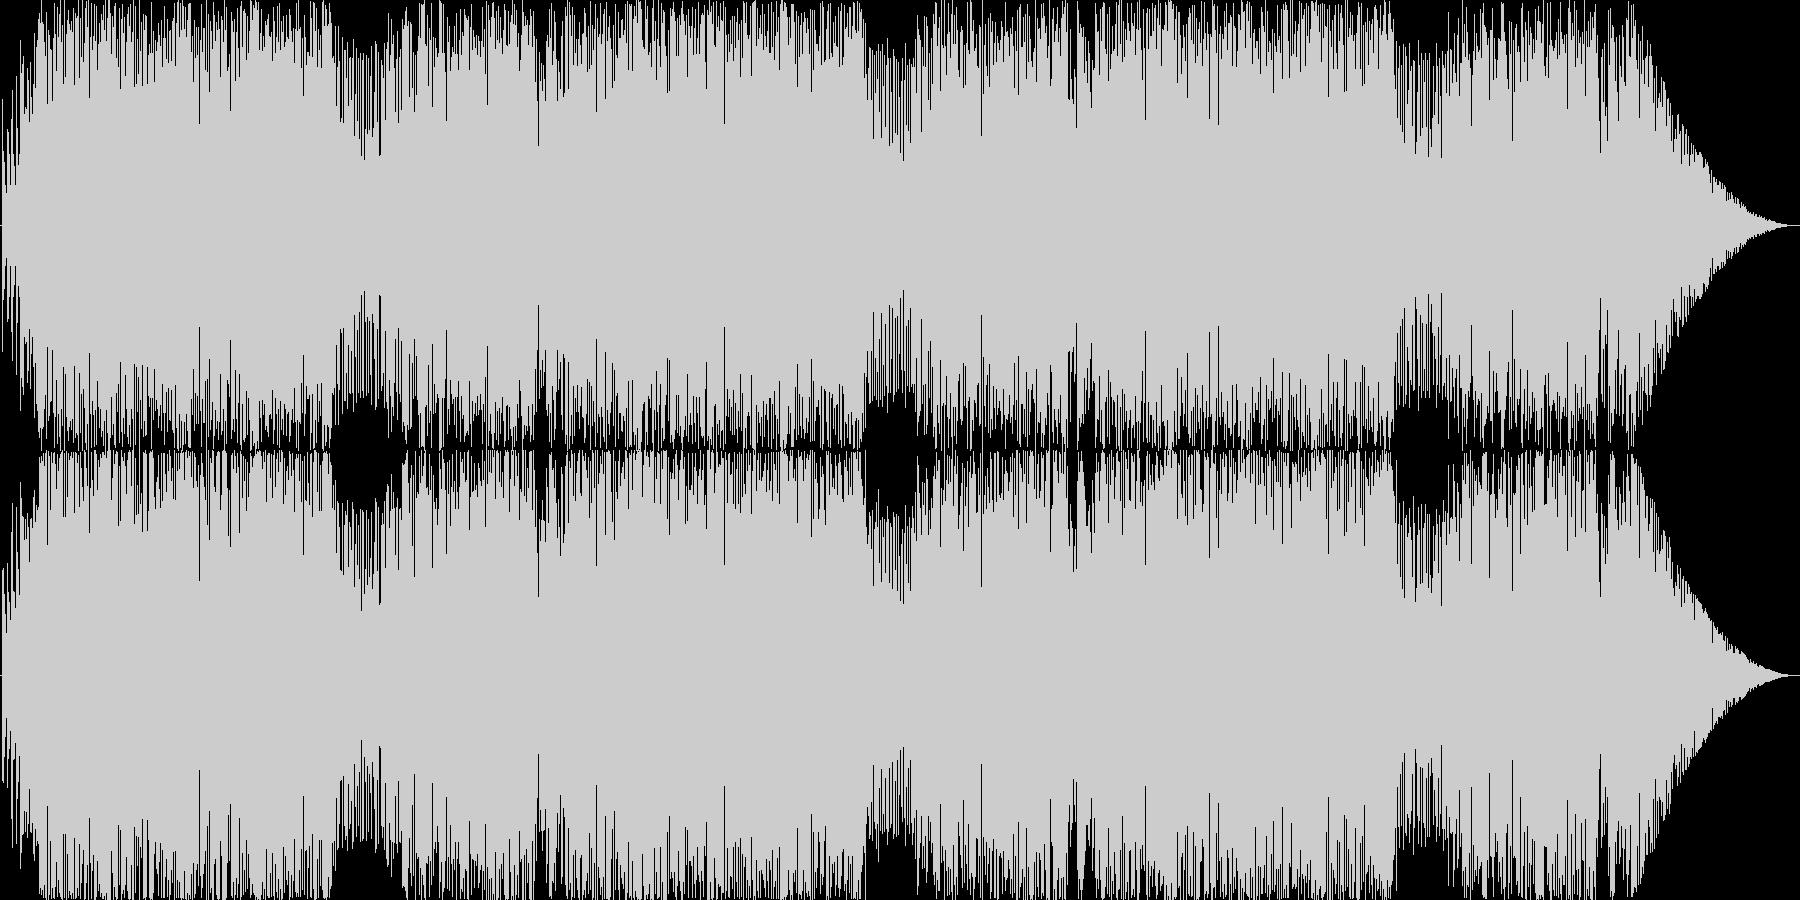 ビックバンド風カートゥーンなコミカル曲の未再生の波形